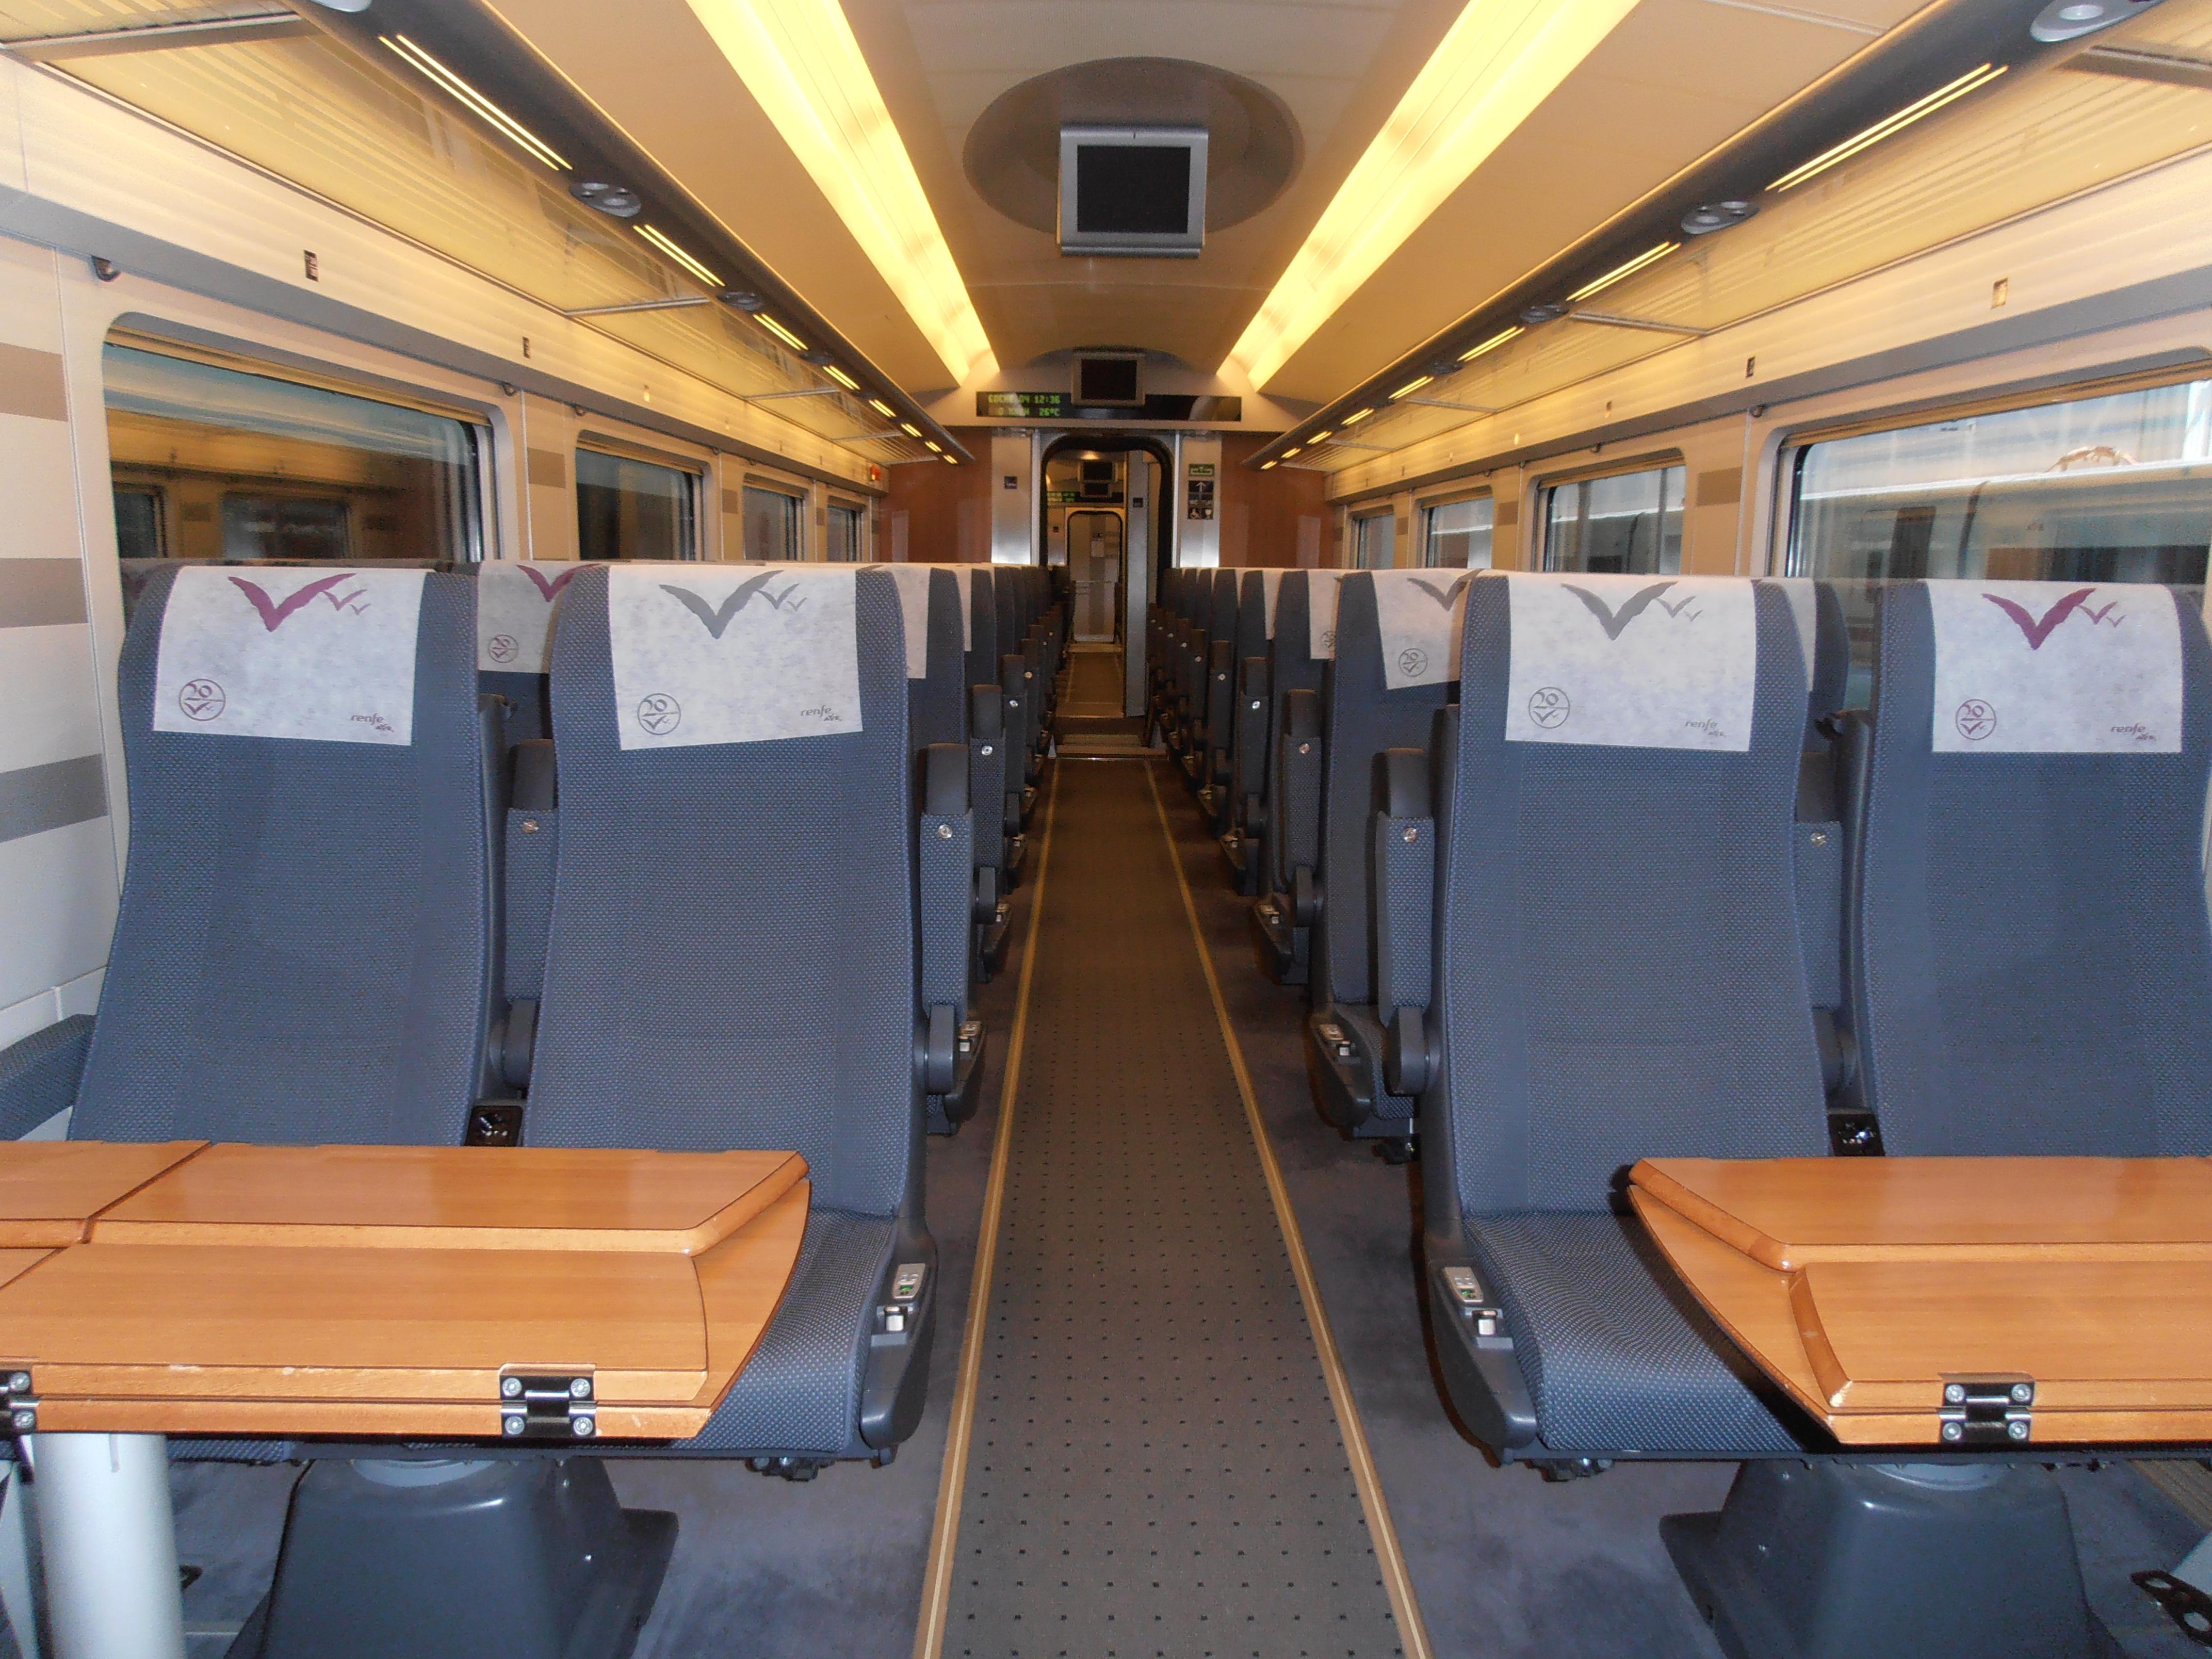 Interior de un coche de clase Turista, donde se aprecia la distribución de asientos 2+2